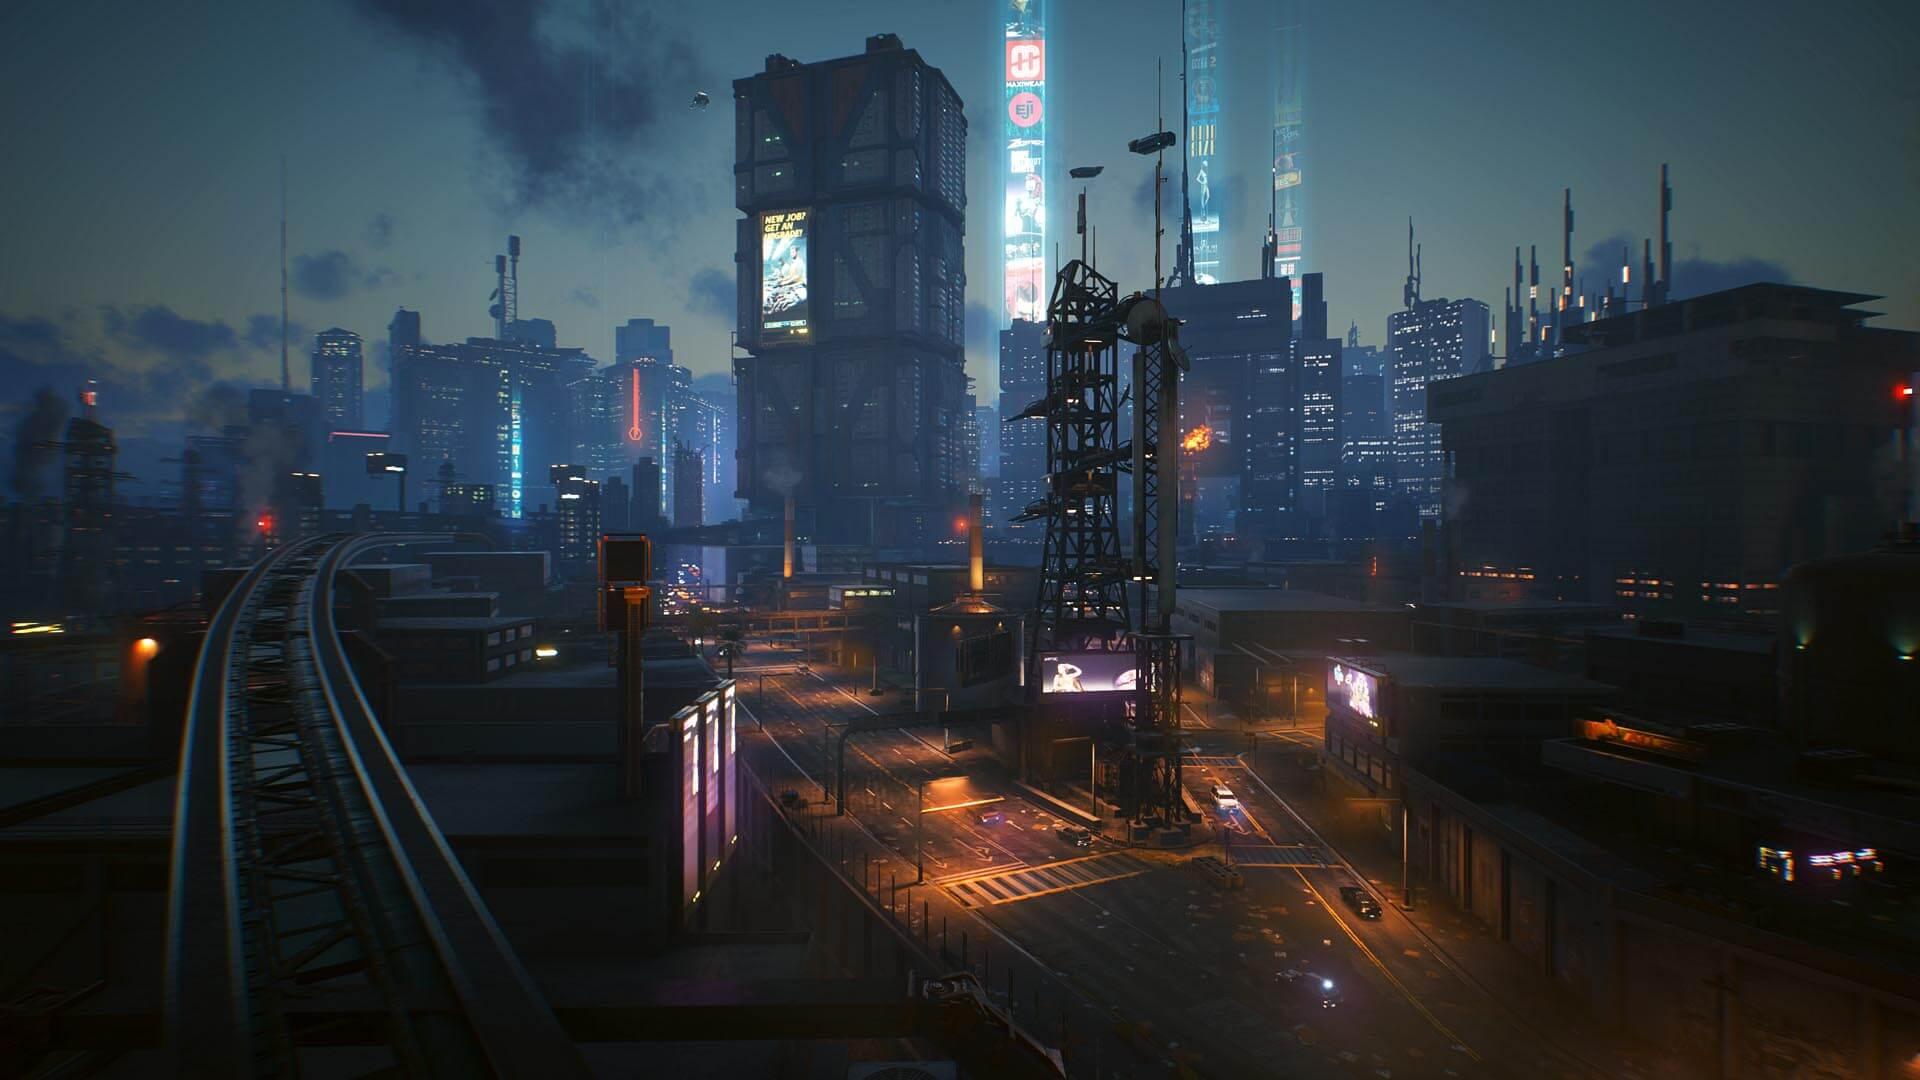 Кибергениталии и стирающие собственную память проститутки — Новые подробности Cyberpunk 2077